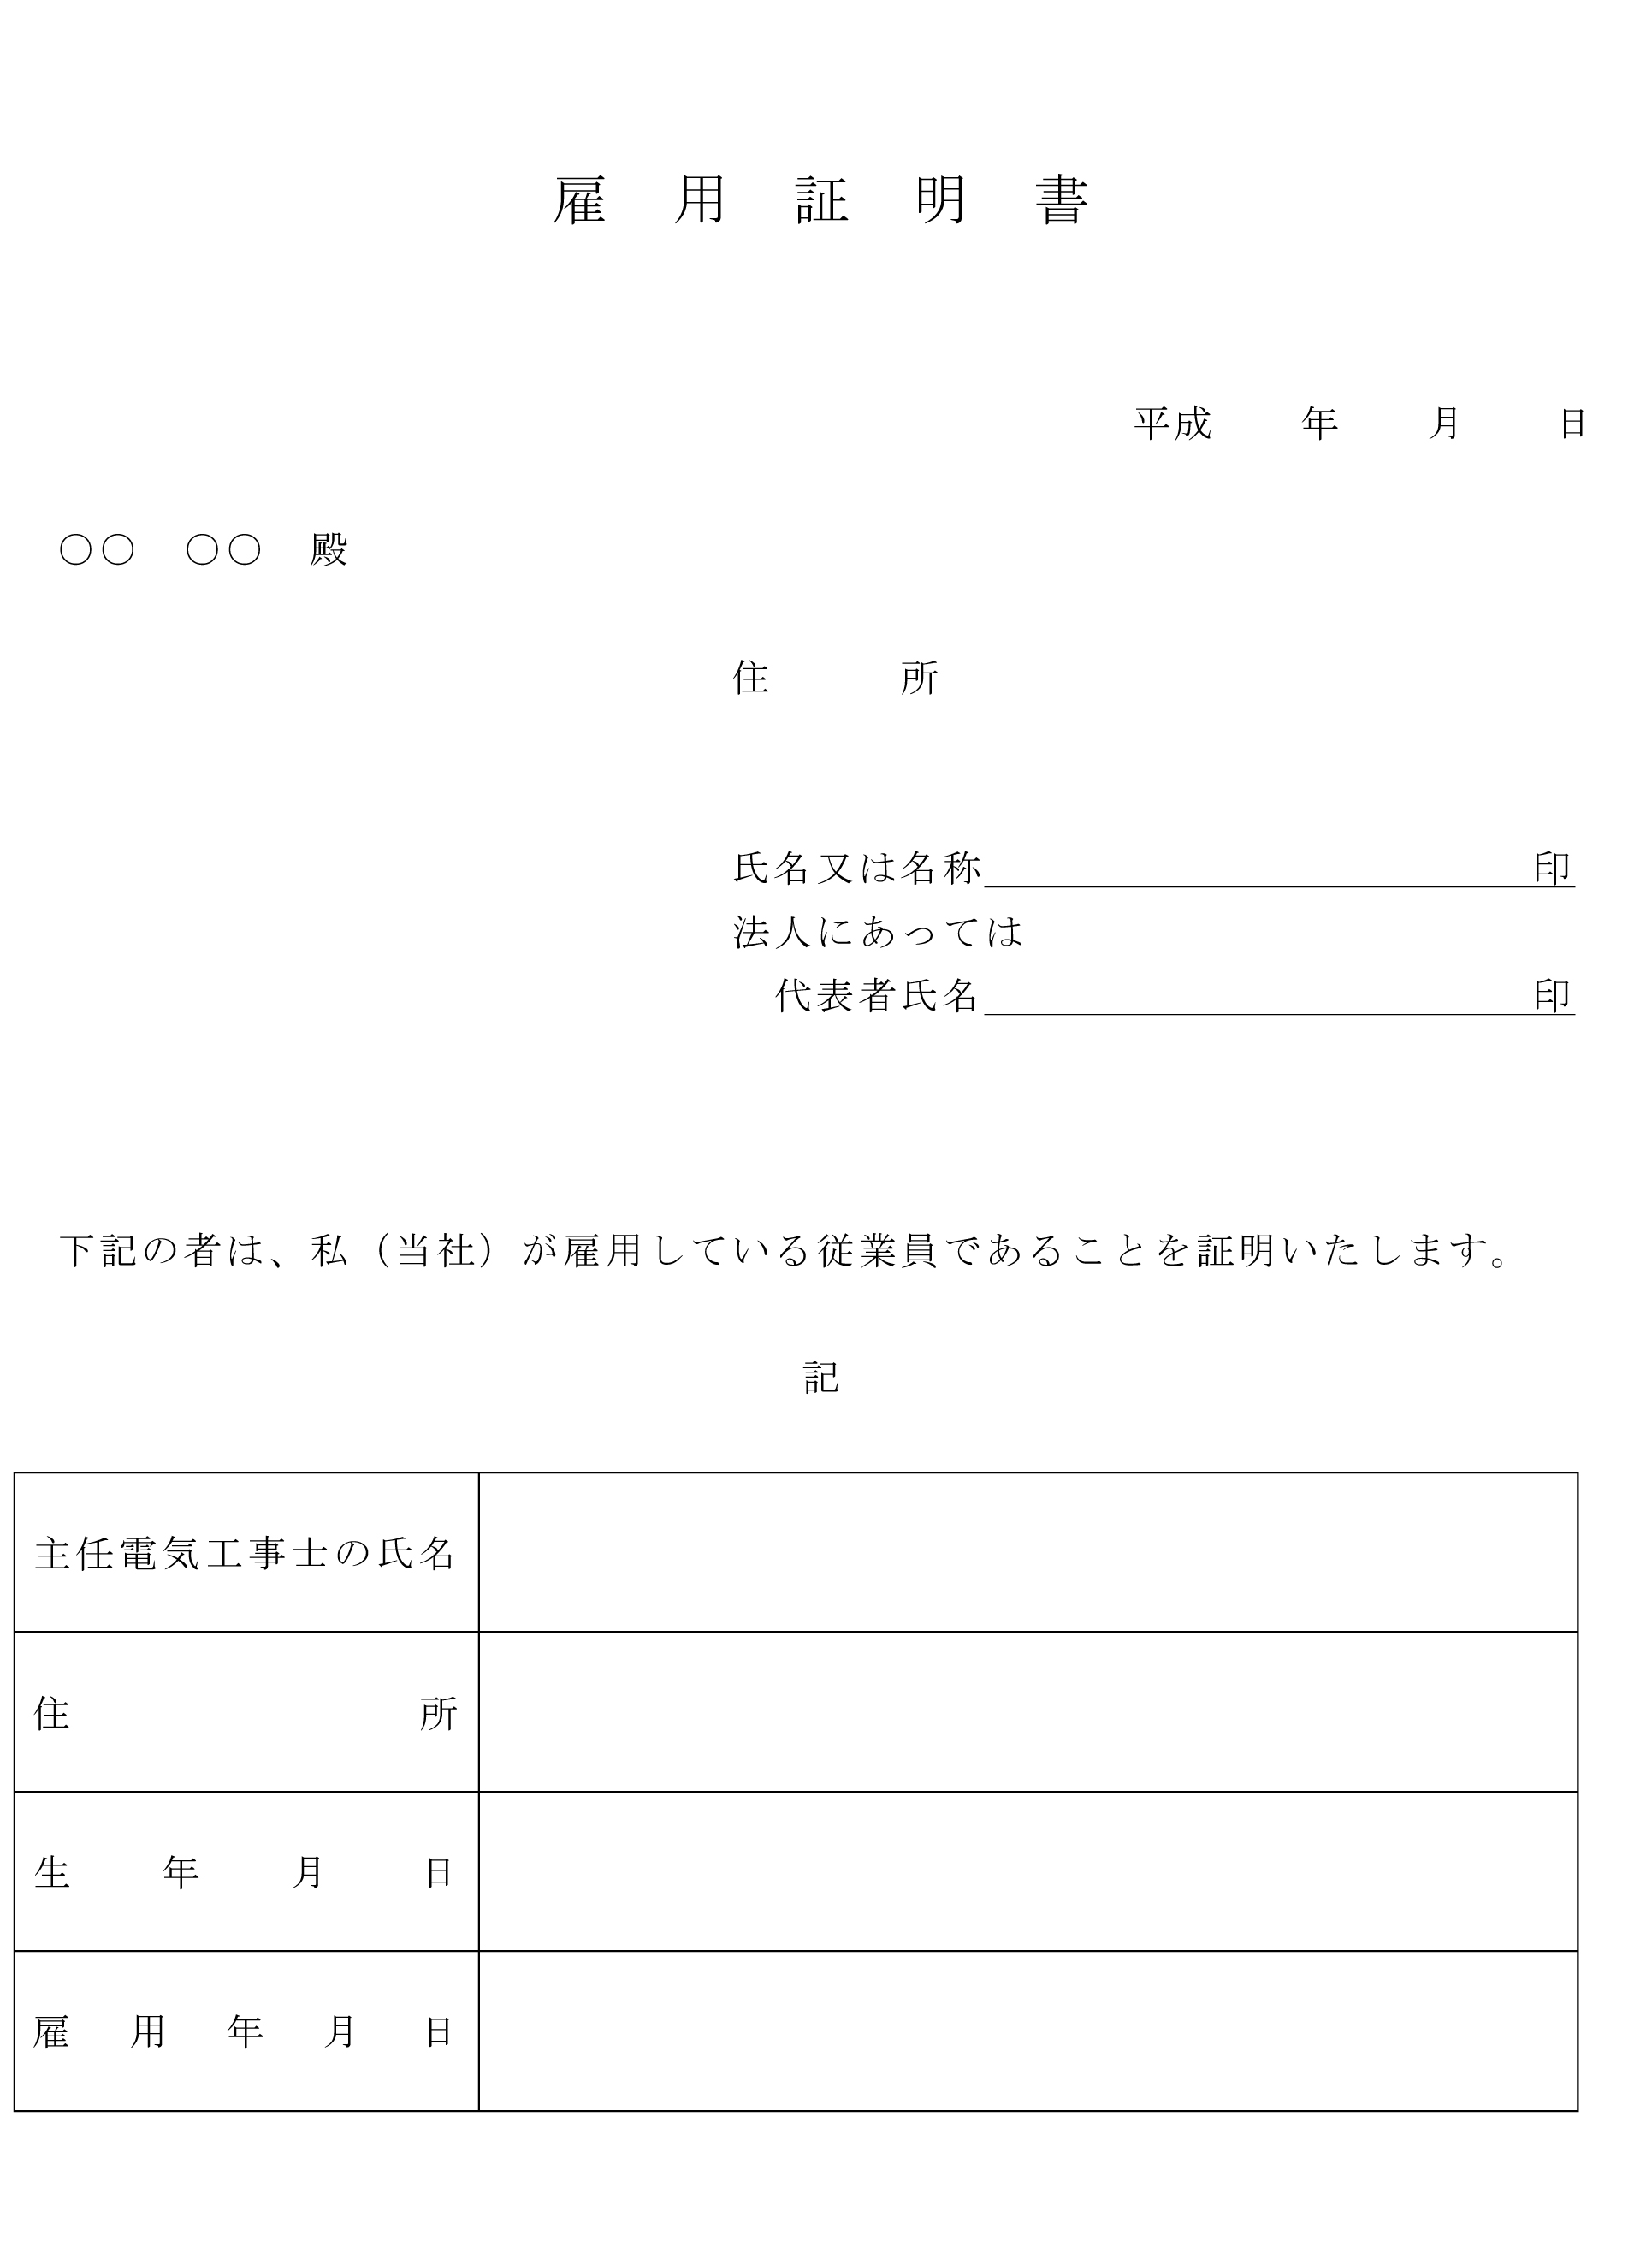 雇用証明書01